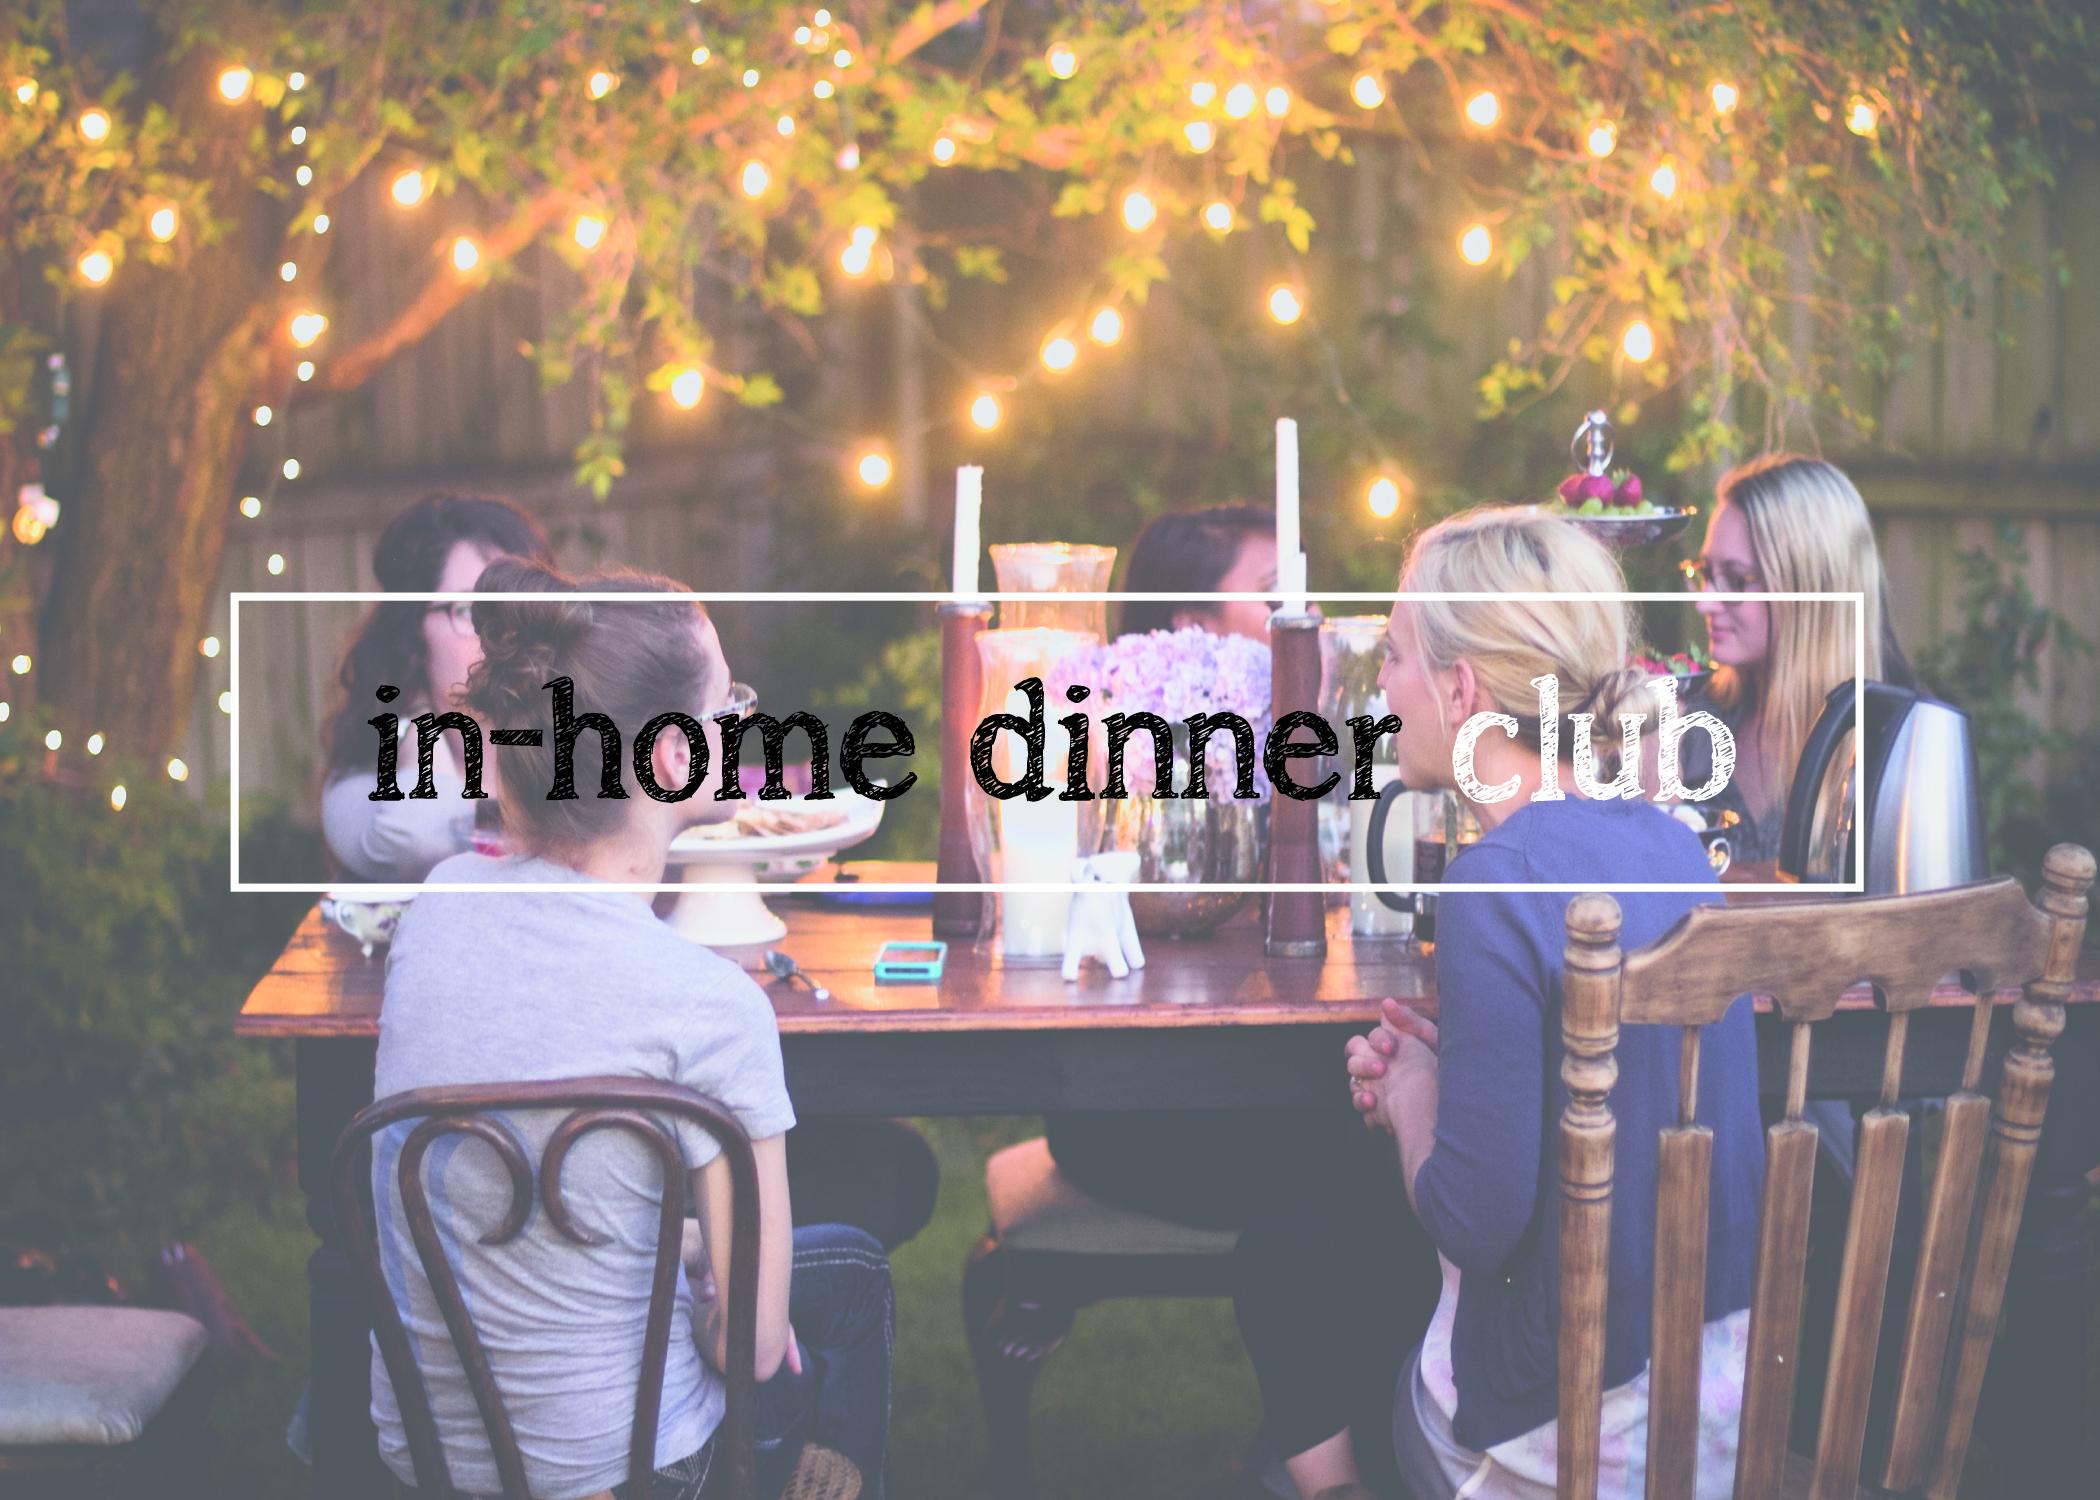 in-home dinner club.jpg